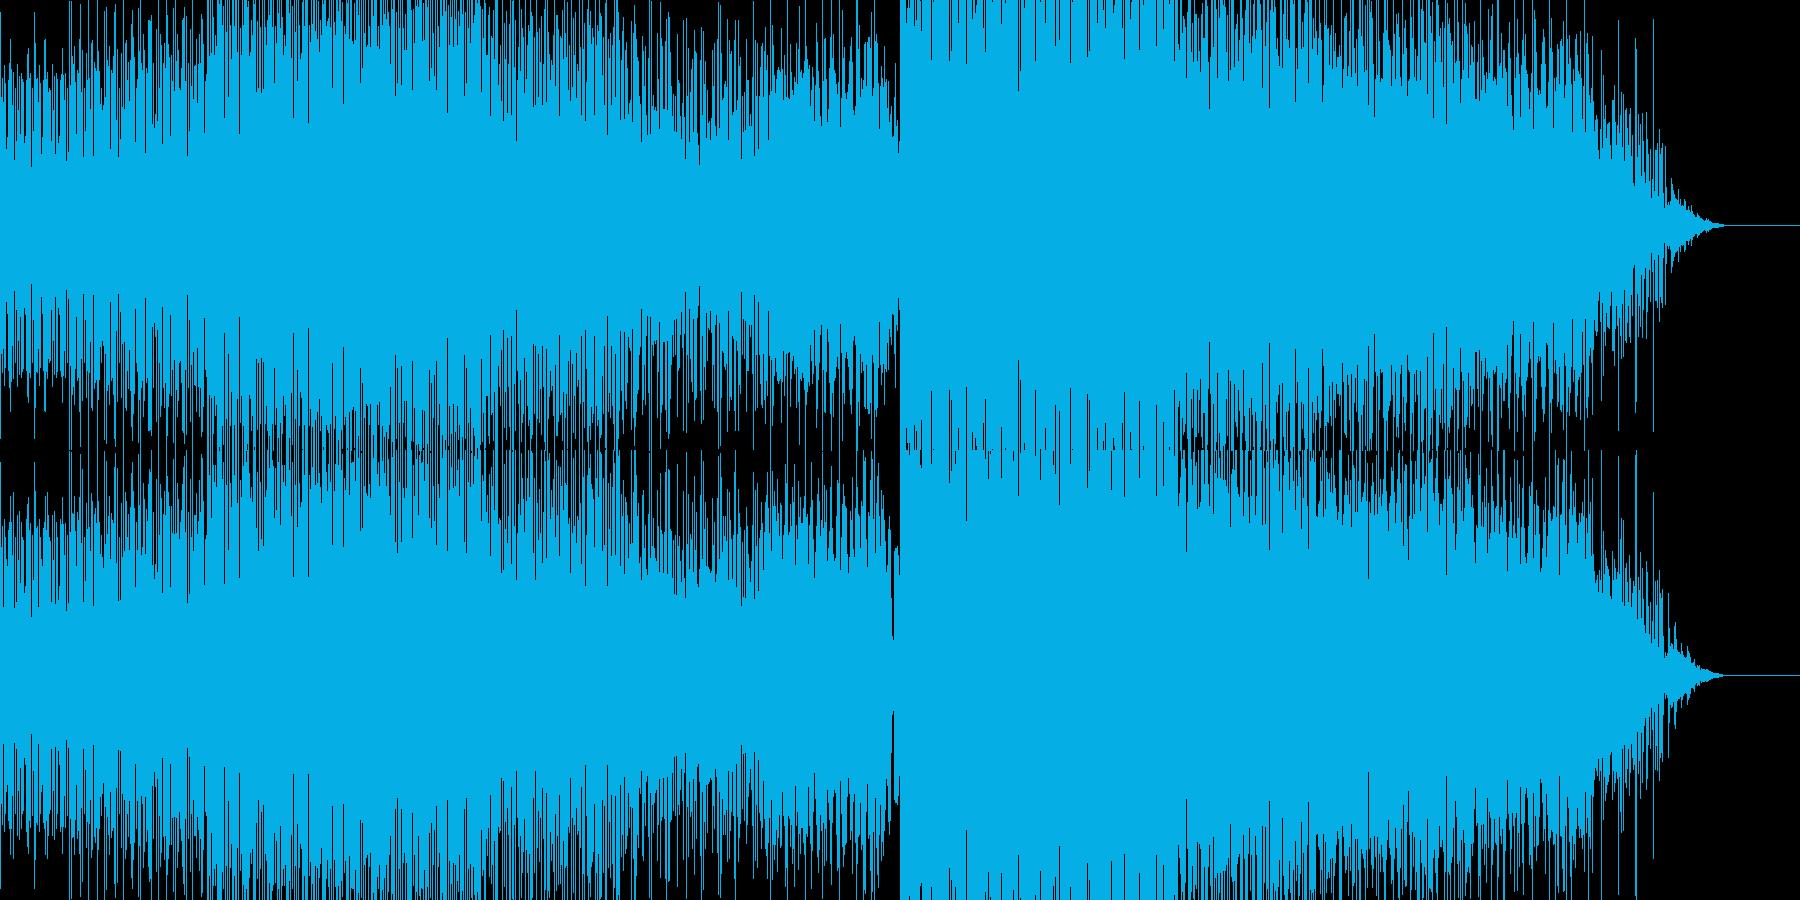 ブレイクビーツBGM4の再生済みの波形